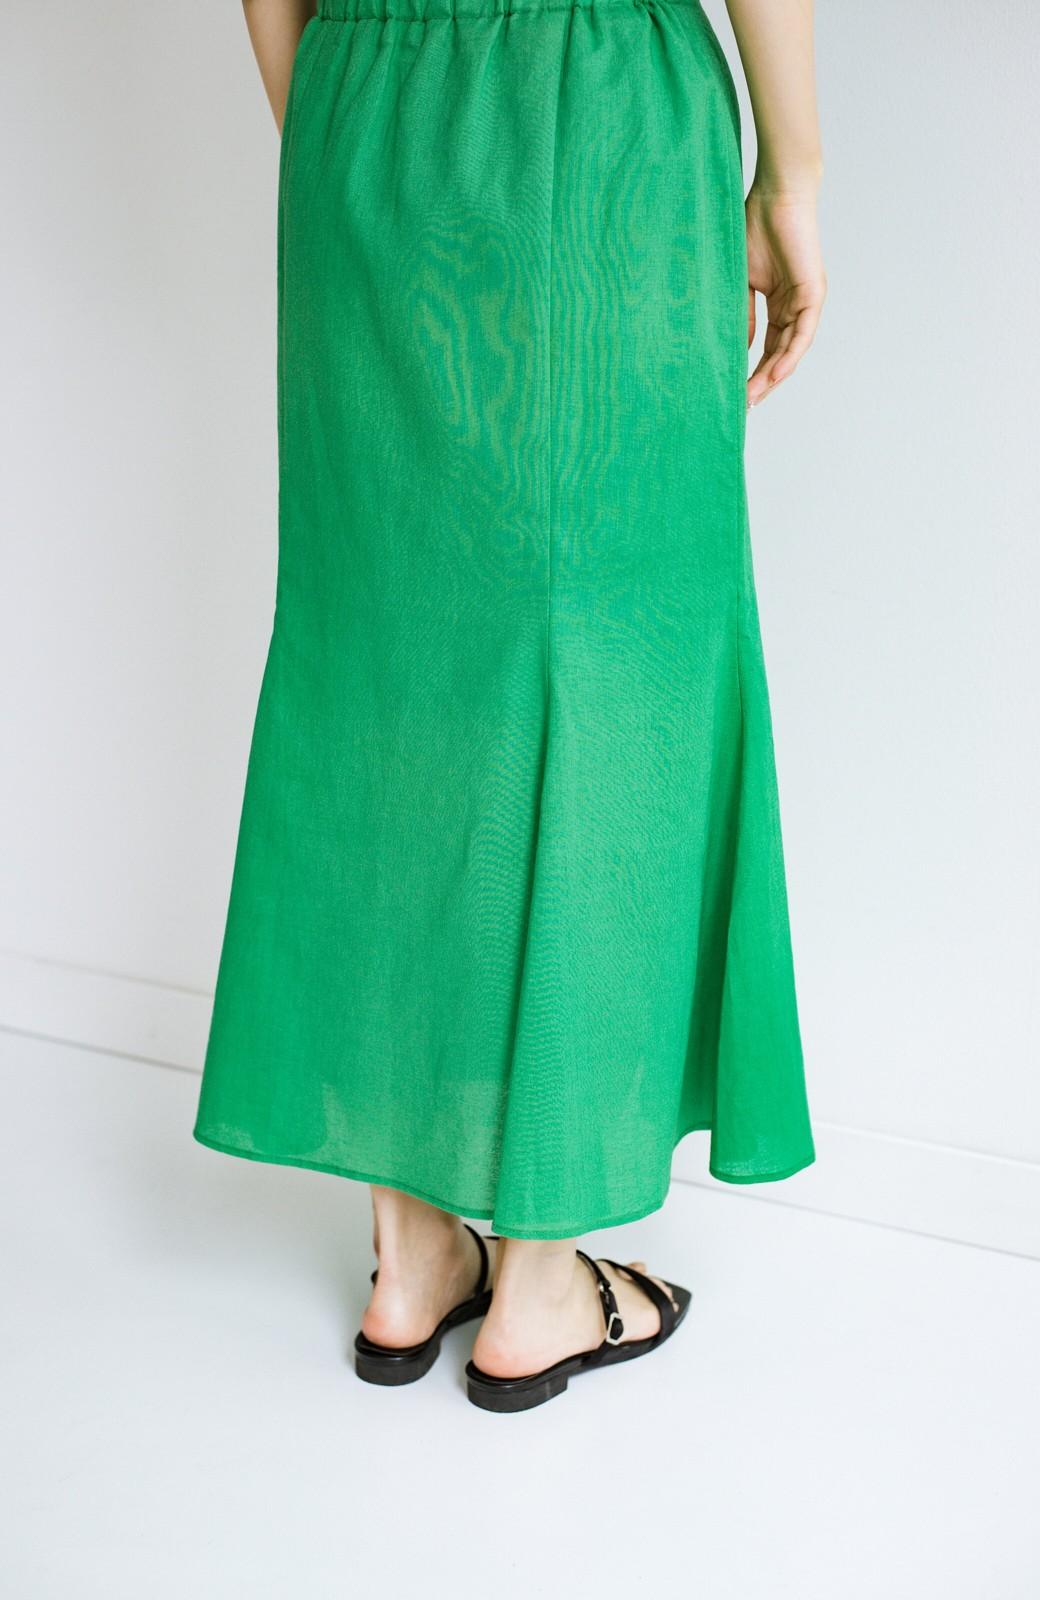 haco! 時間のない朝にもパッと出かけられる!元気が出るきれい色スカートにちょうどいいロゴTシャツを合わせておいた作り置きコーデセット by que made me <その他>の商品写真17